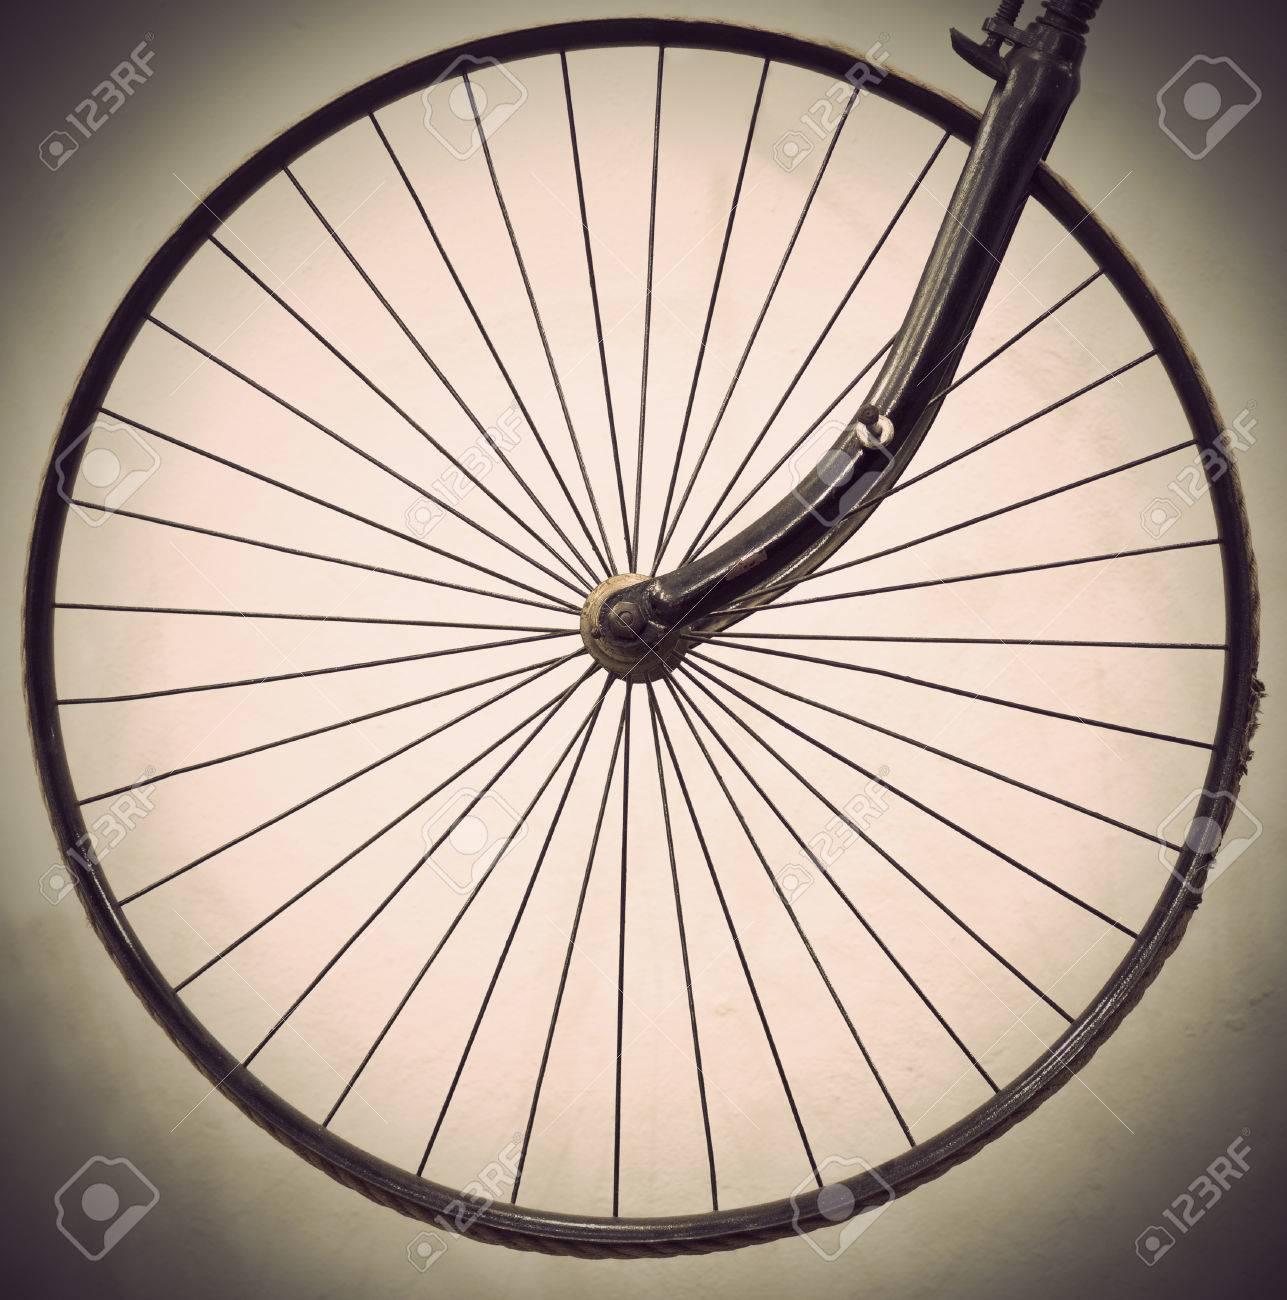 Ancienne Bicyclette roue de bicyclette ancienne en sépia banque d'images et photos